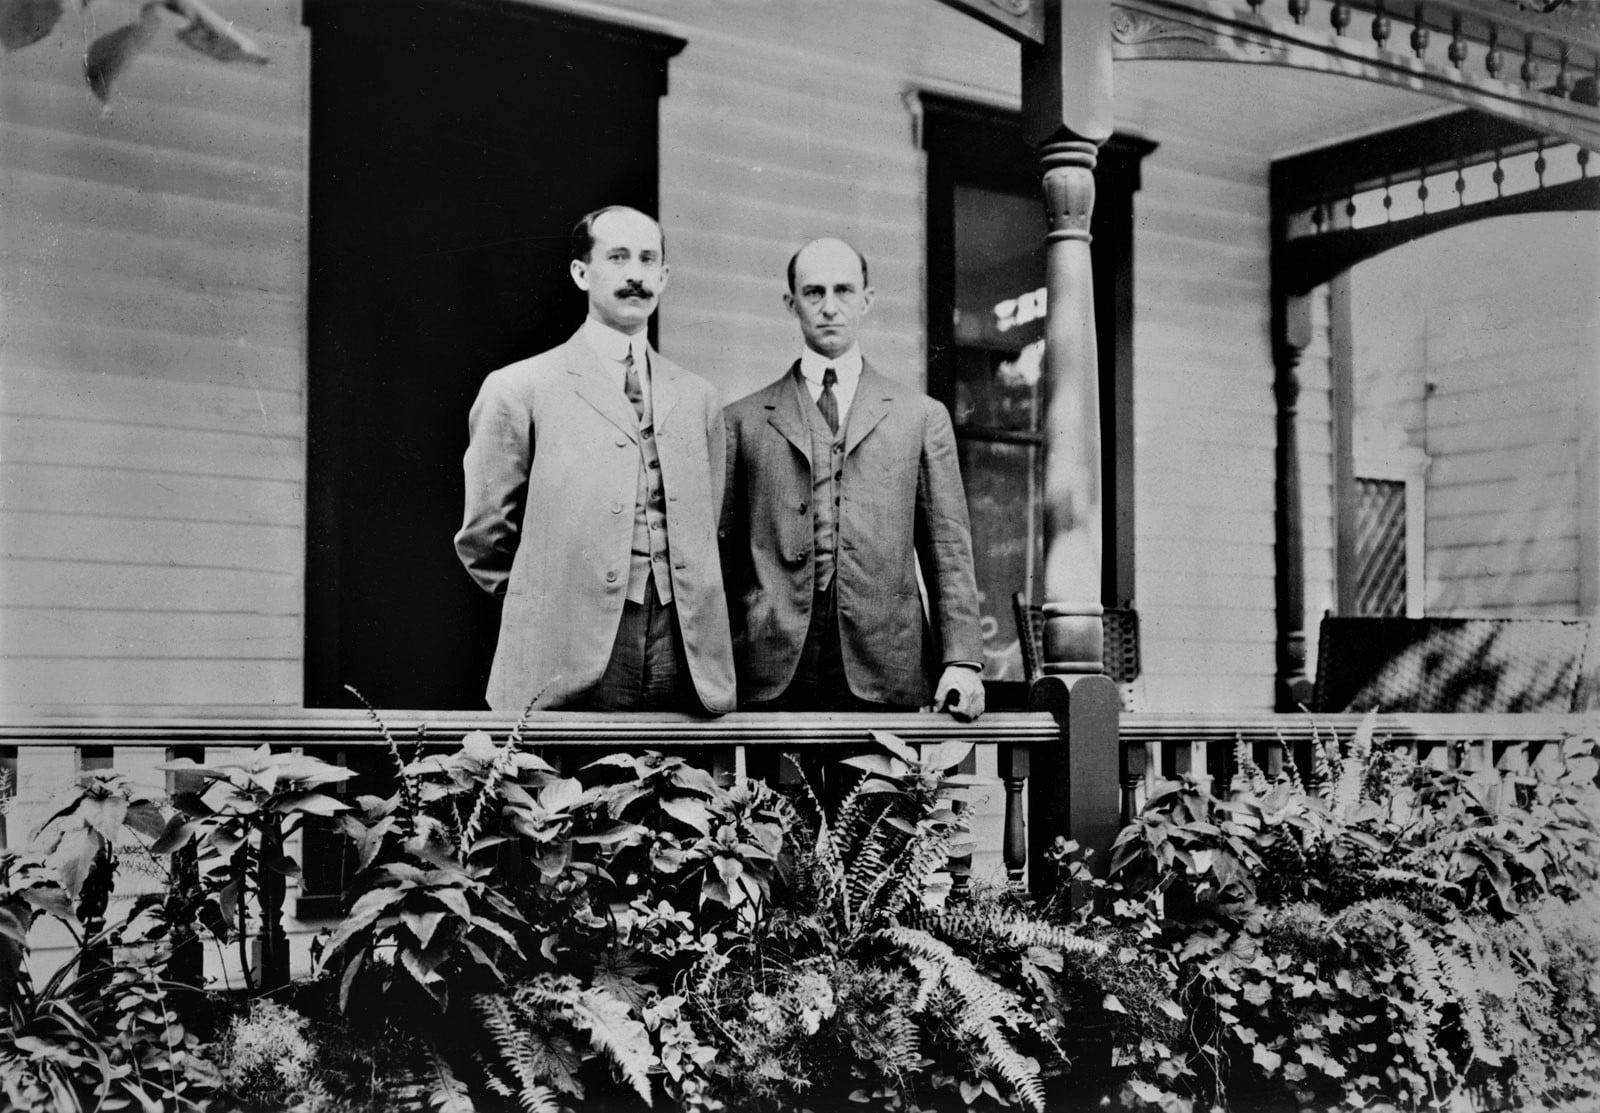 Orville and Wilbur porch Dayton Ohio 1909